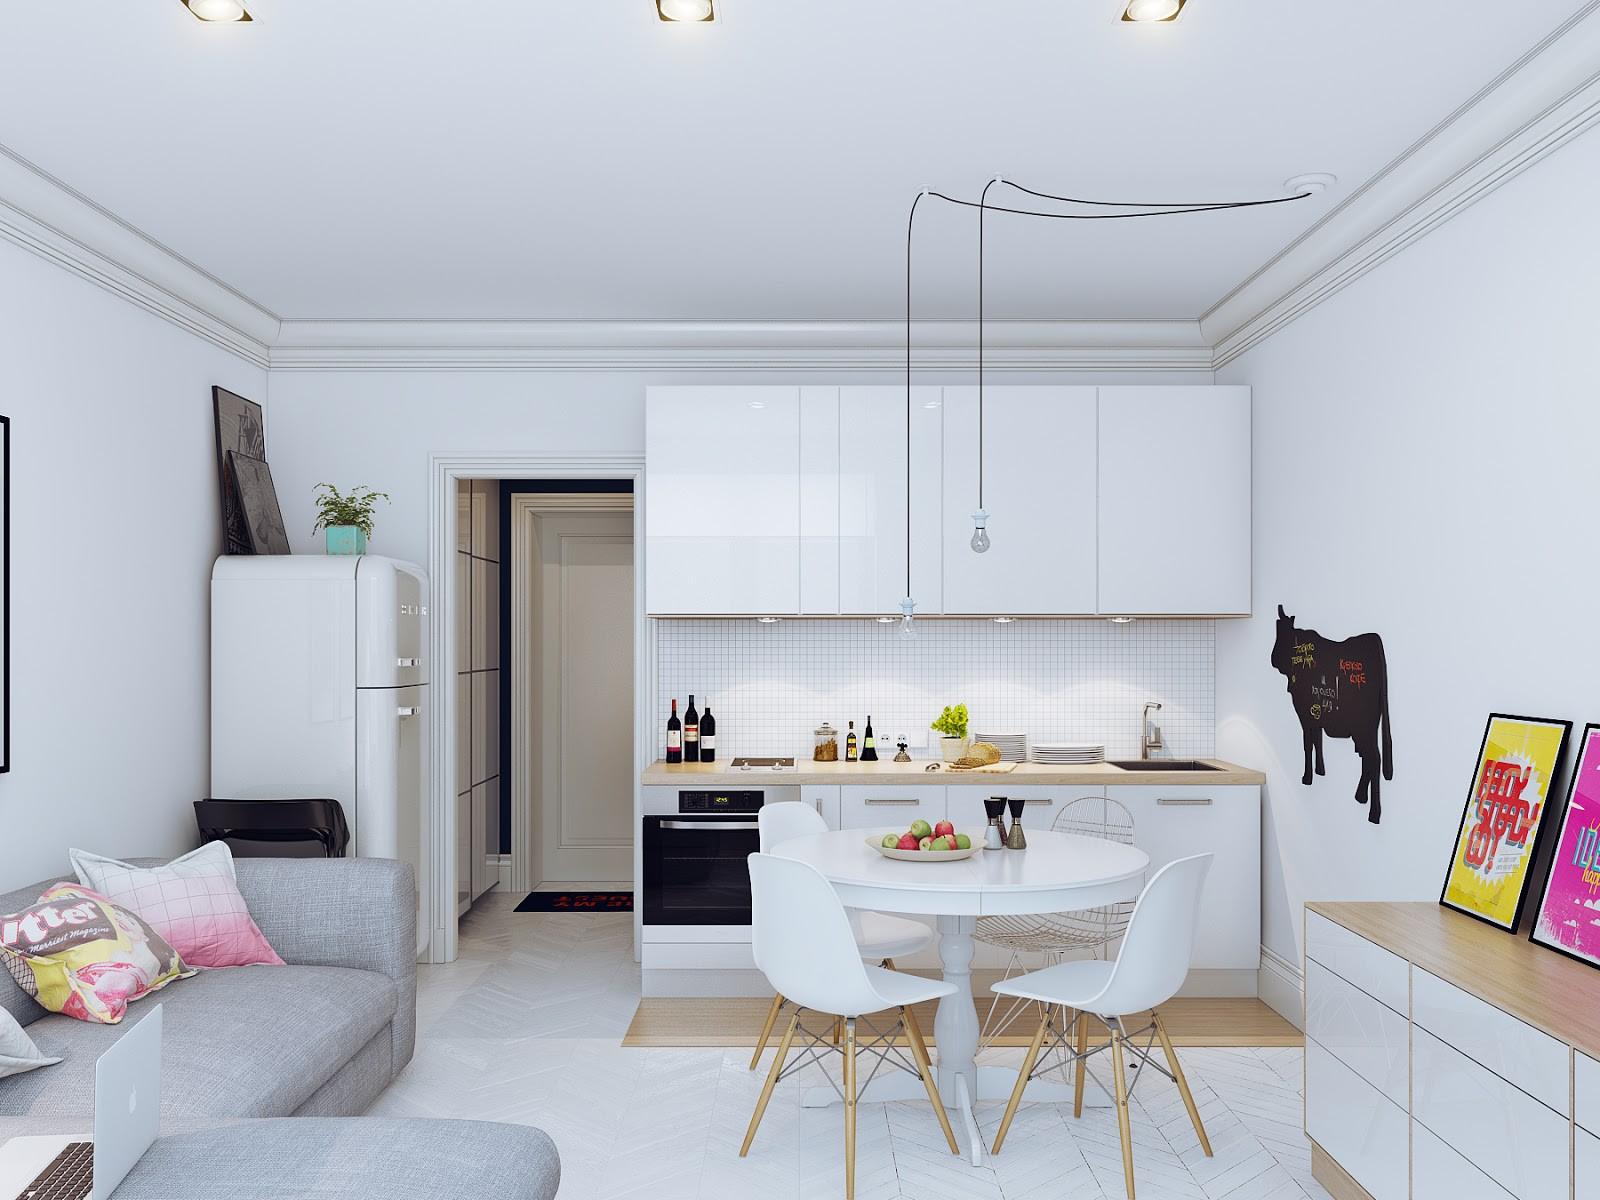 Бежево-белая кухня с серым диваном